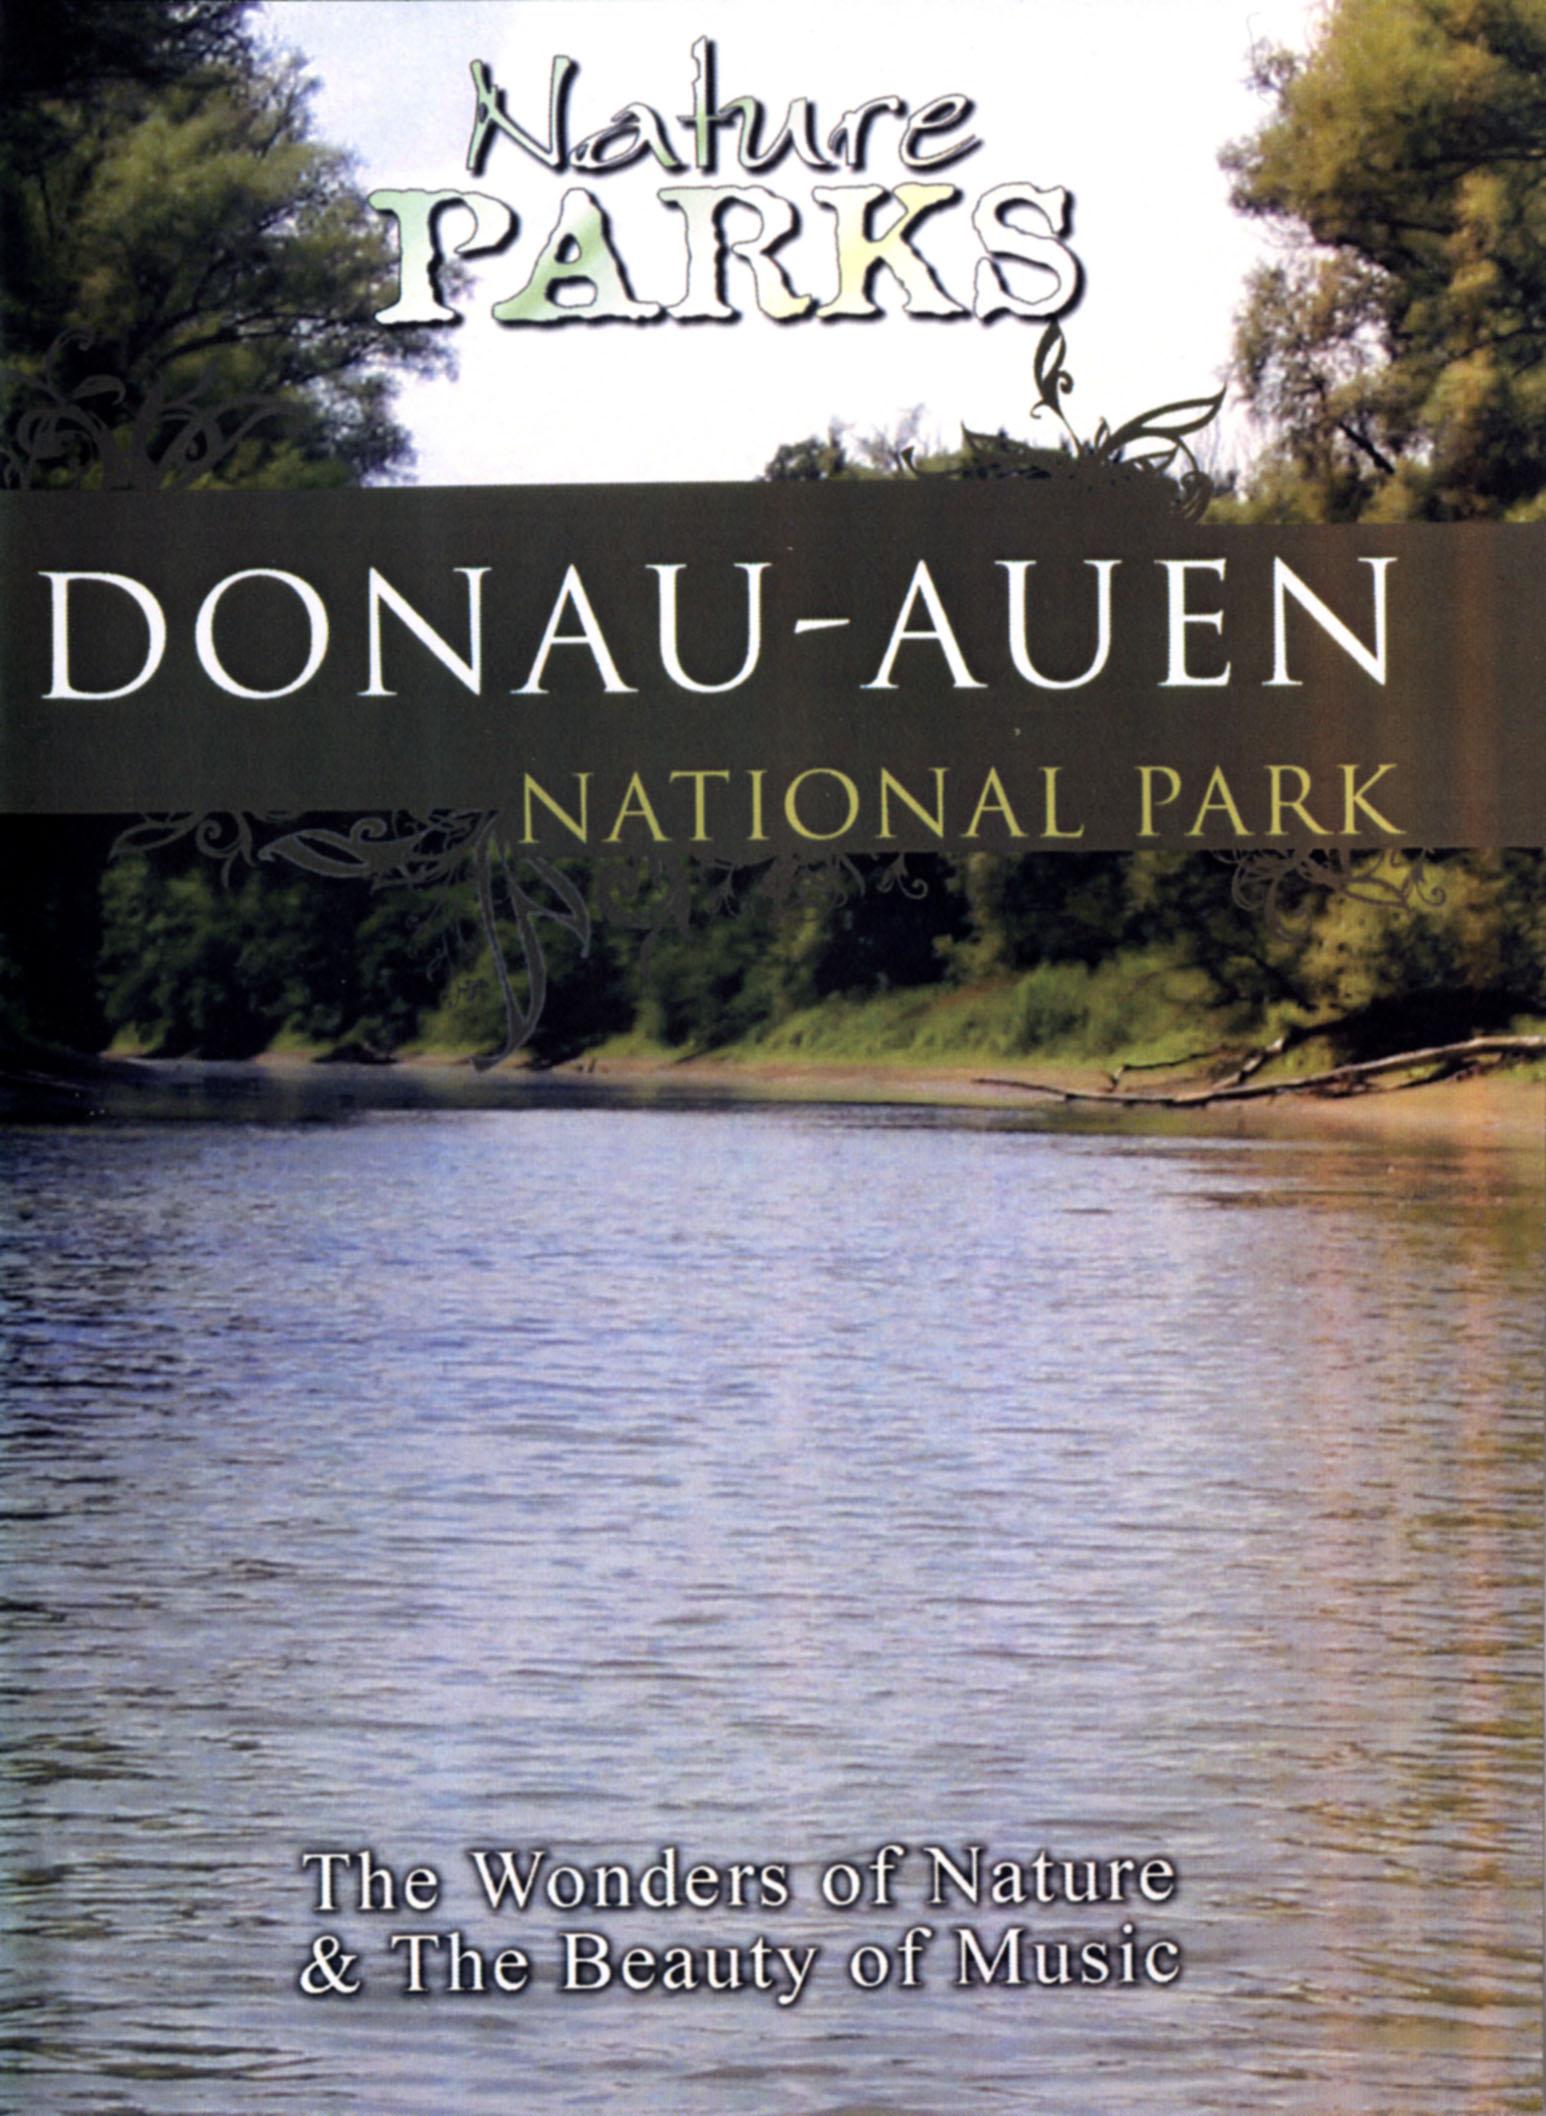 Nature Parks: Donau-Auen National Park